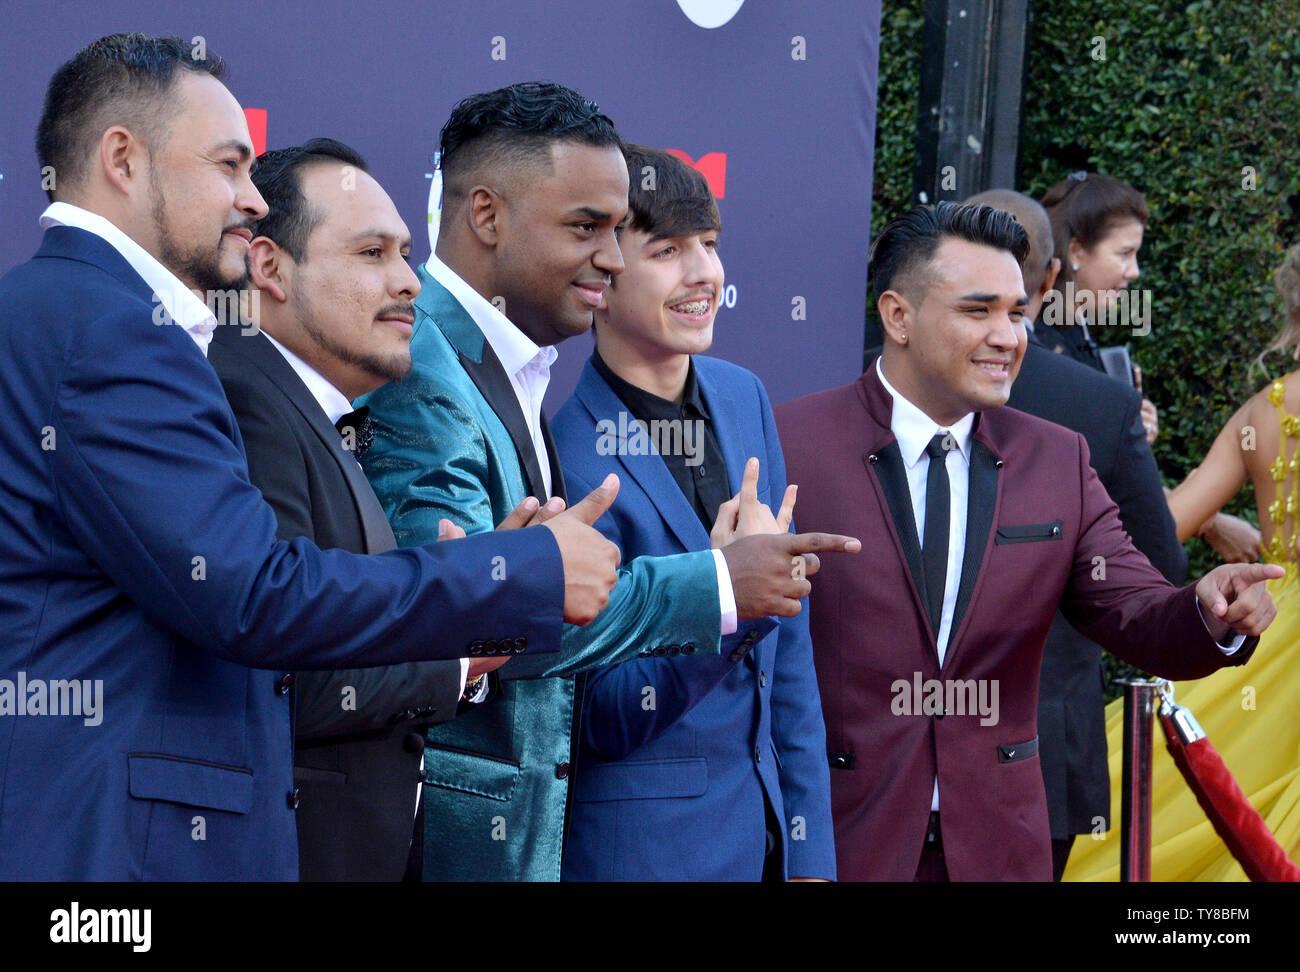 T3r Elemento arriva per il quarto anno Latin American Music Awards presso il Teatro Dolby nella sezione di Hollywood di Los Angeles il 25 ottobre 2018. L'evento annuale che premia risultati eccellenti per gli artisti di musica latina industria. Foto di Jim Ruymen/UPI Immagini Stock